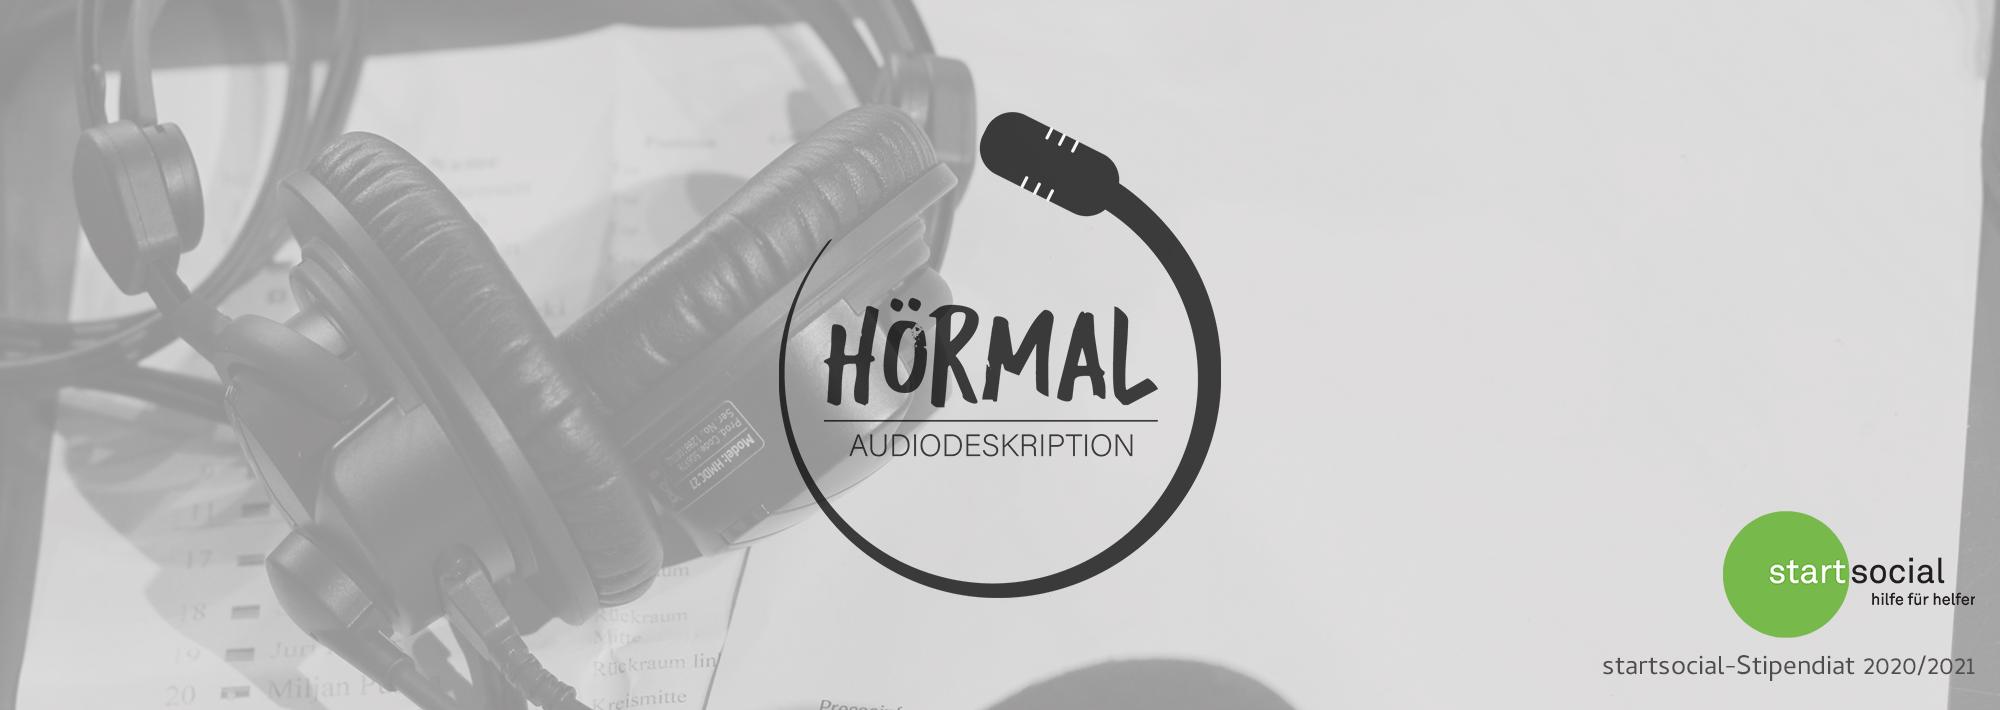 Das Banner besteht aus einem Foto-Hintergrund, der leicht transparent eingefärbt ist und Logos auf diesem Hintergrund. Der Hintergrund zeigt teile eine Sprech-Headsets für Audiodeskription-Spreacher, daneben liegen Notizzettel. Die Logos darauf sind in schwarz und grün eingefärbt. In der Mitte steht das Logo von HörMal Audiodeskription. Ein eckiger Schriftzug von einem langgezogenen Mikrofon umschlungen. Rechts unten befindet sich das startsocial-Logo. Darin steht: Startsocial – Hilfe für Helfer. Darunter: startsozial-stipendiat 2020/2021, Grafik: HörMal Audiodeskription und startsocial.